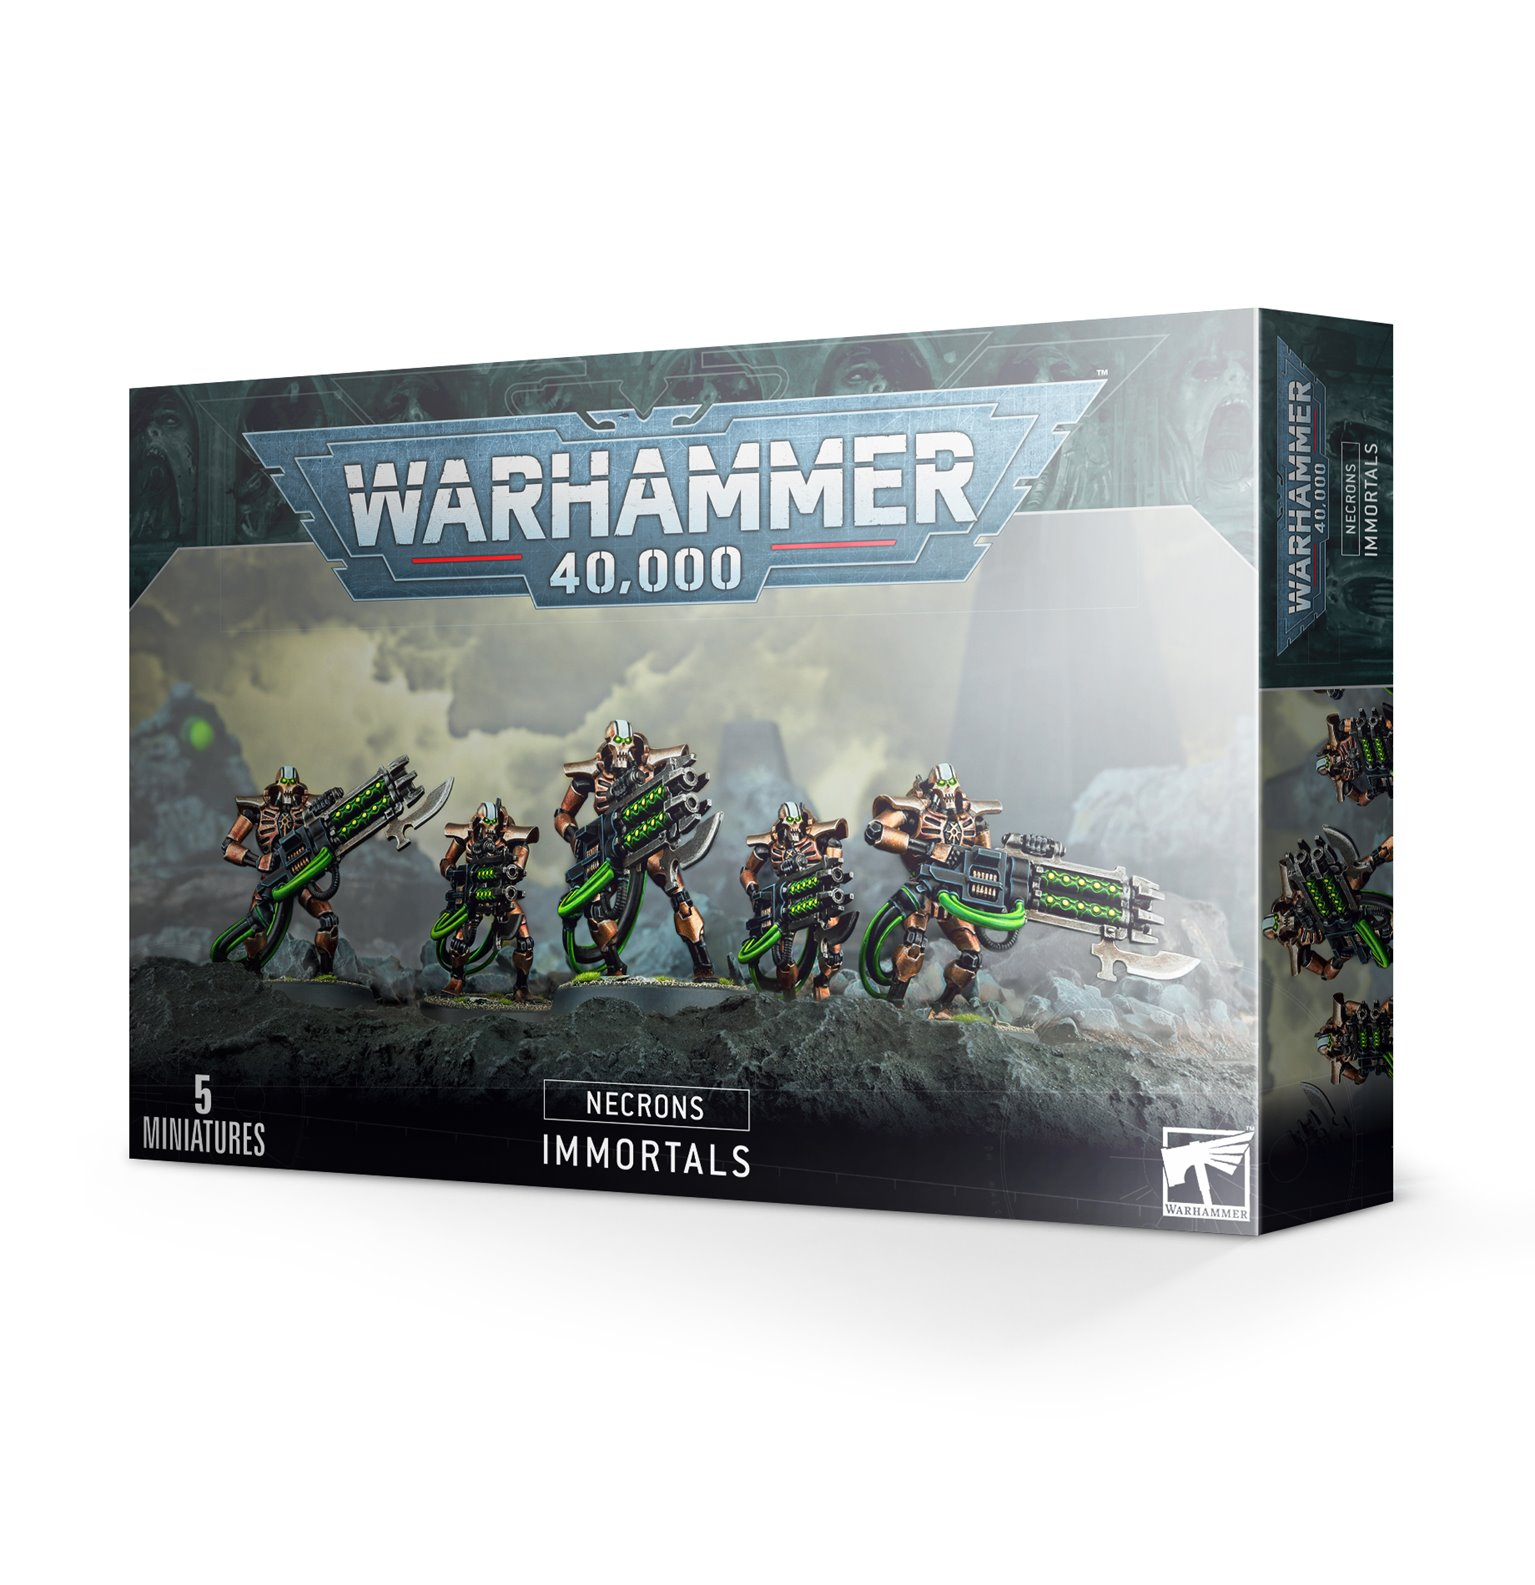 Warhammer 40,000 Necron Immortals